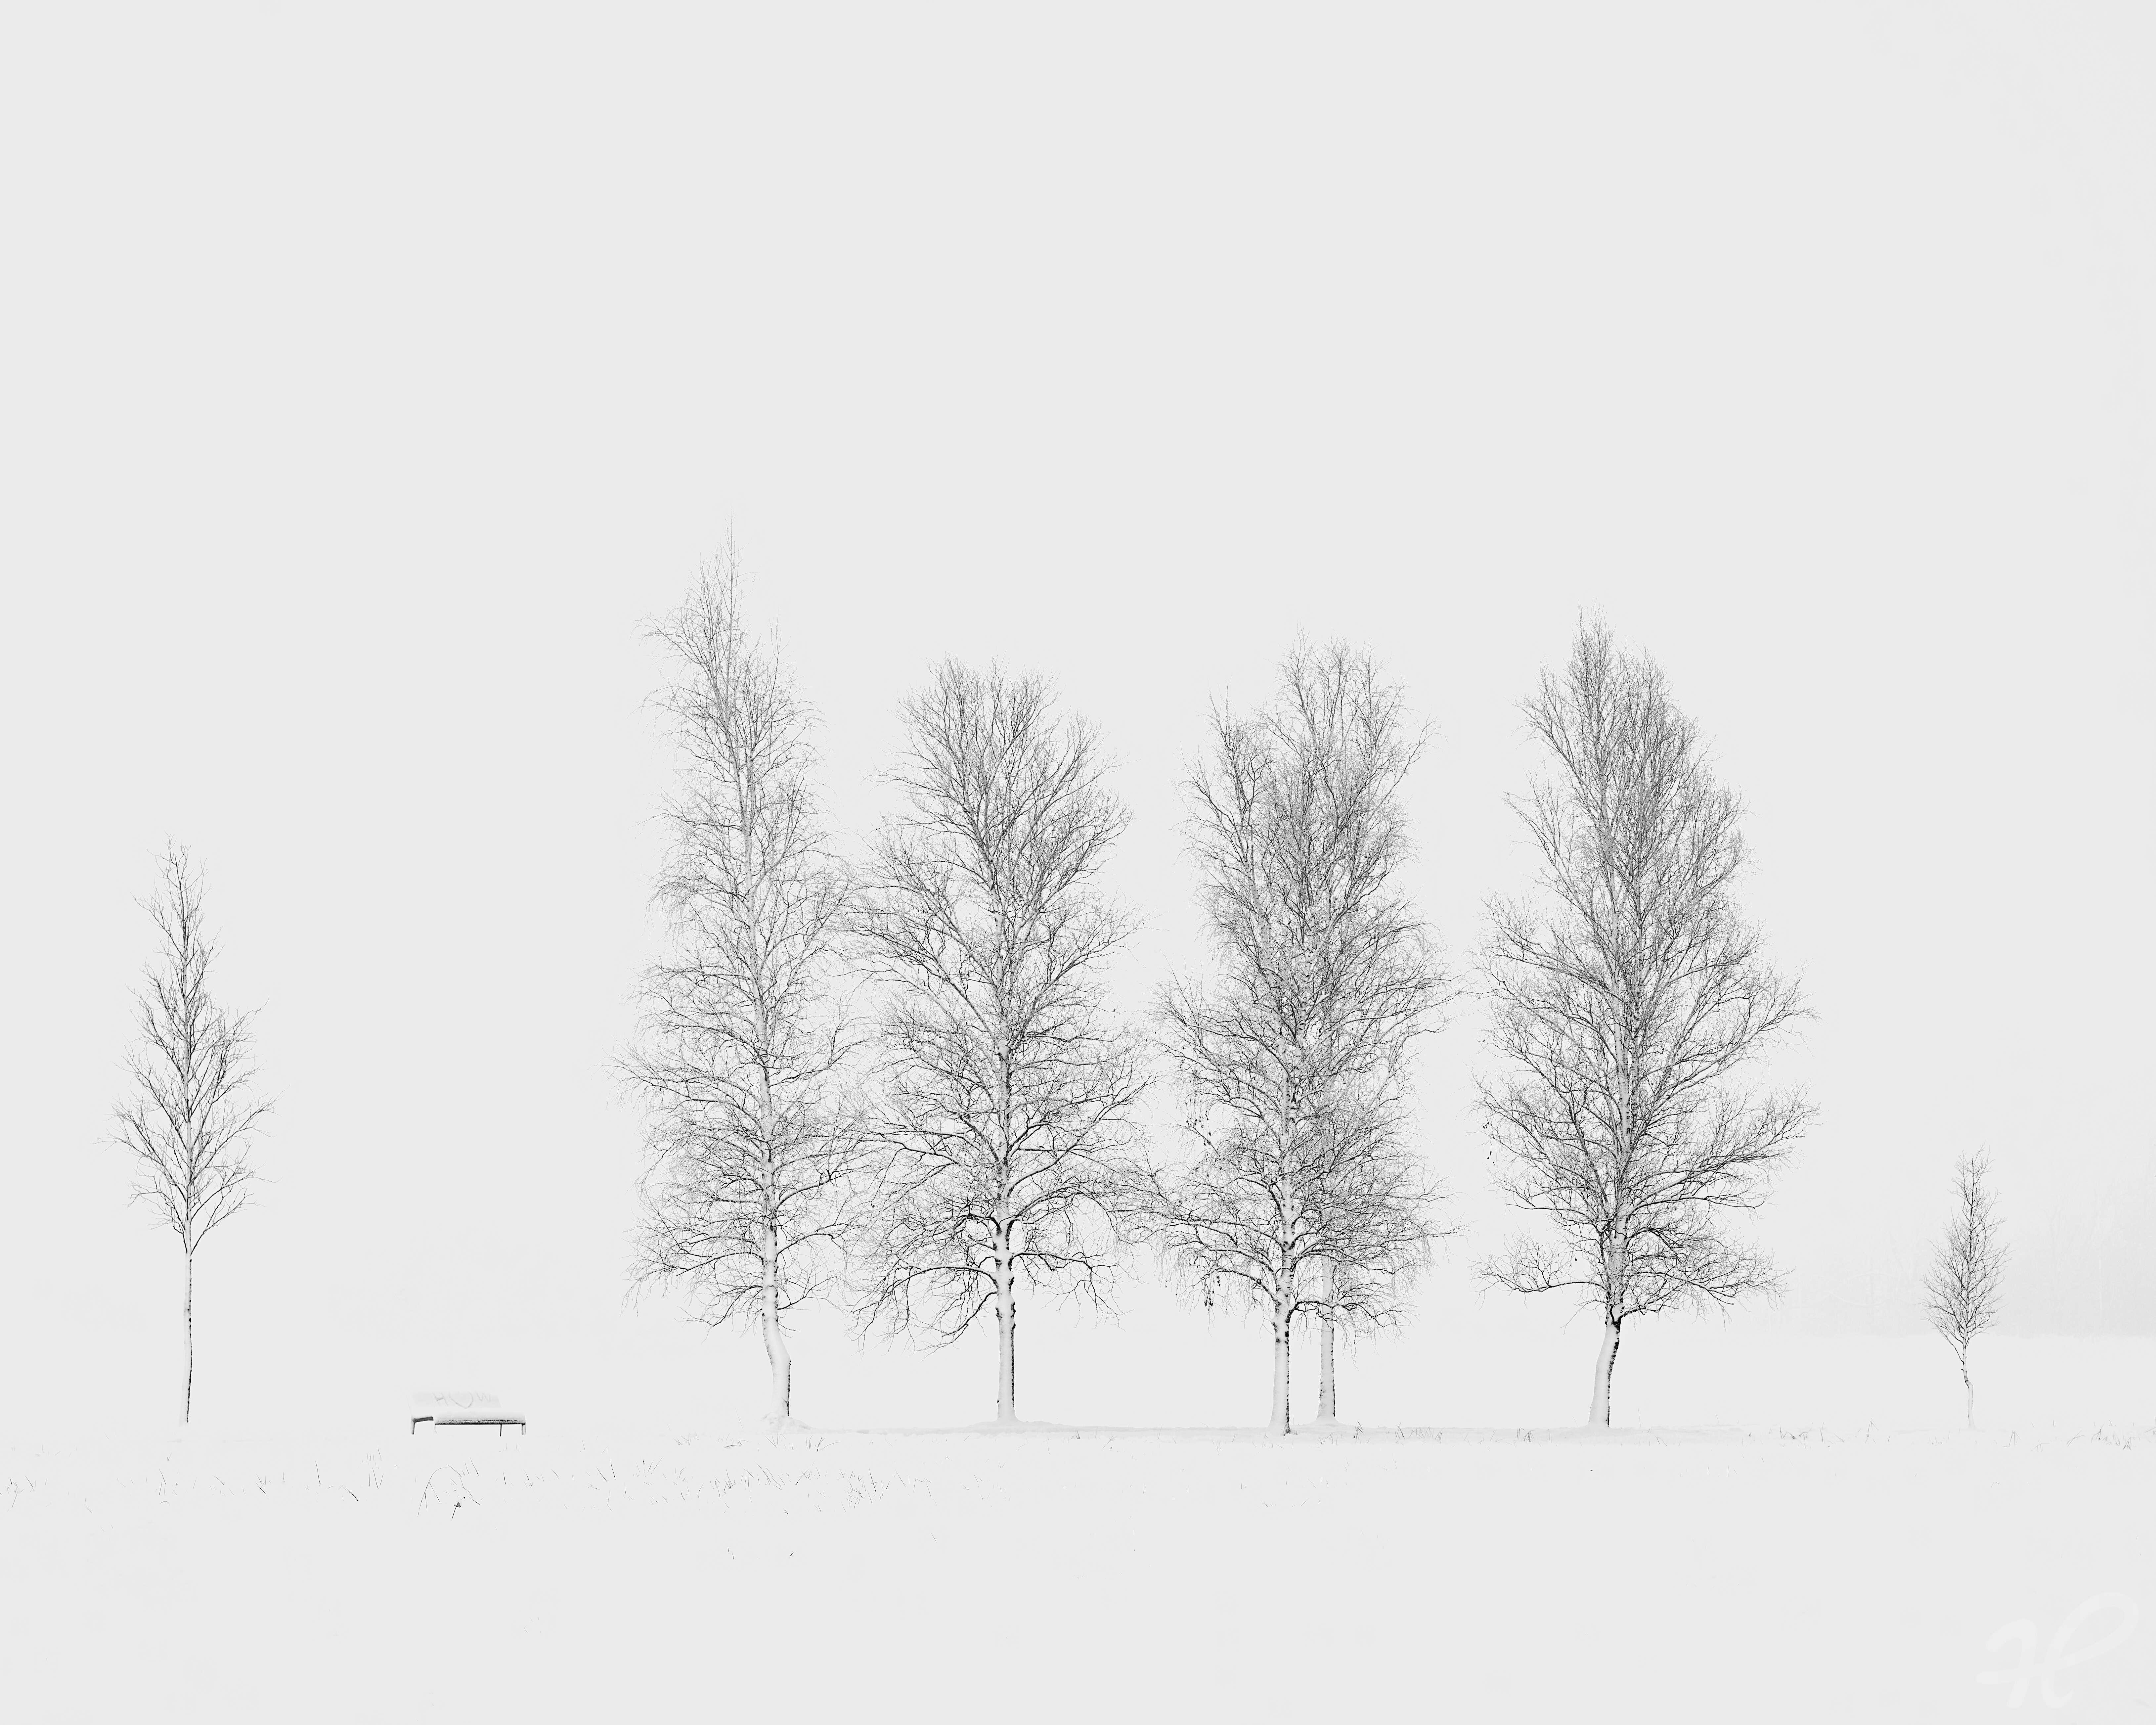 Baumreihe im Schnee 3, minimalistisch